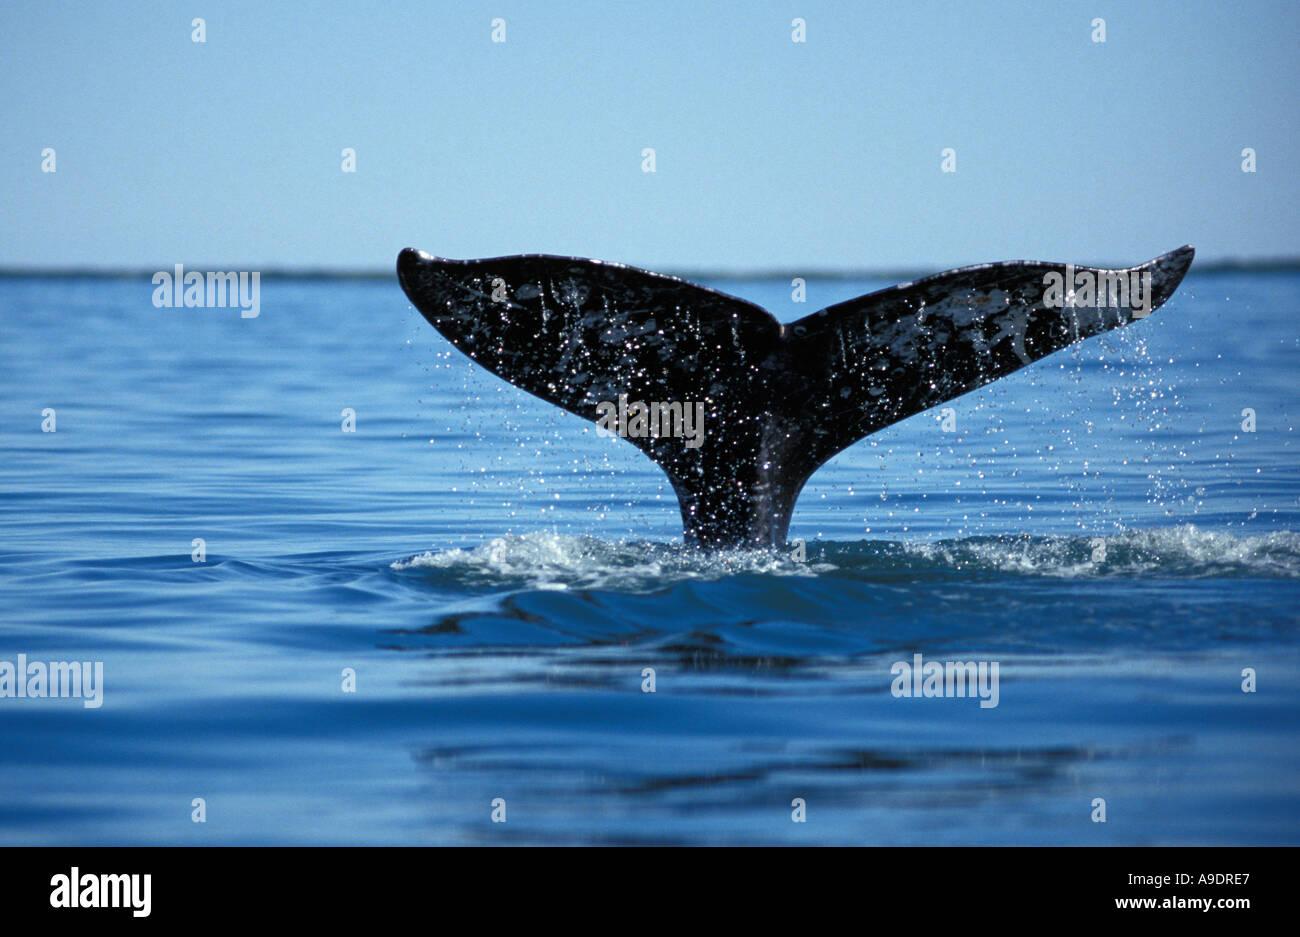 jn3832 GRAY WHALE Eschrichtius robustus BAJA MEXICO PACIFIC OCEAN Photo Copyright Brandon Cole - Stock Image